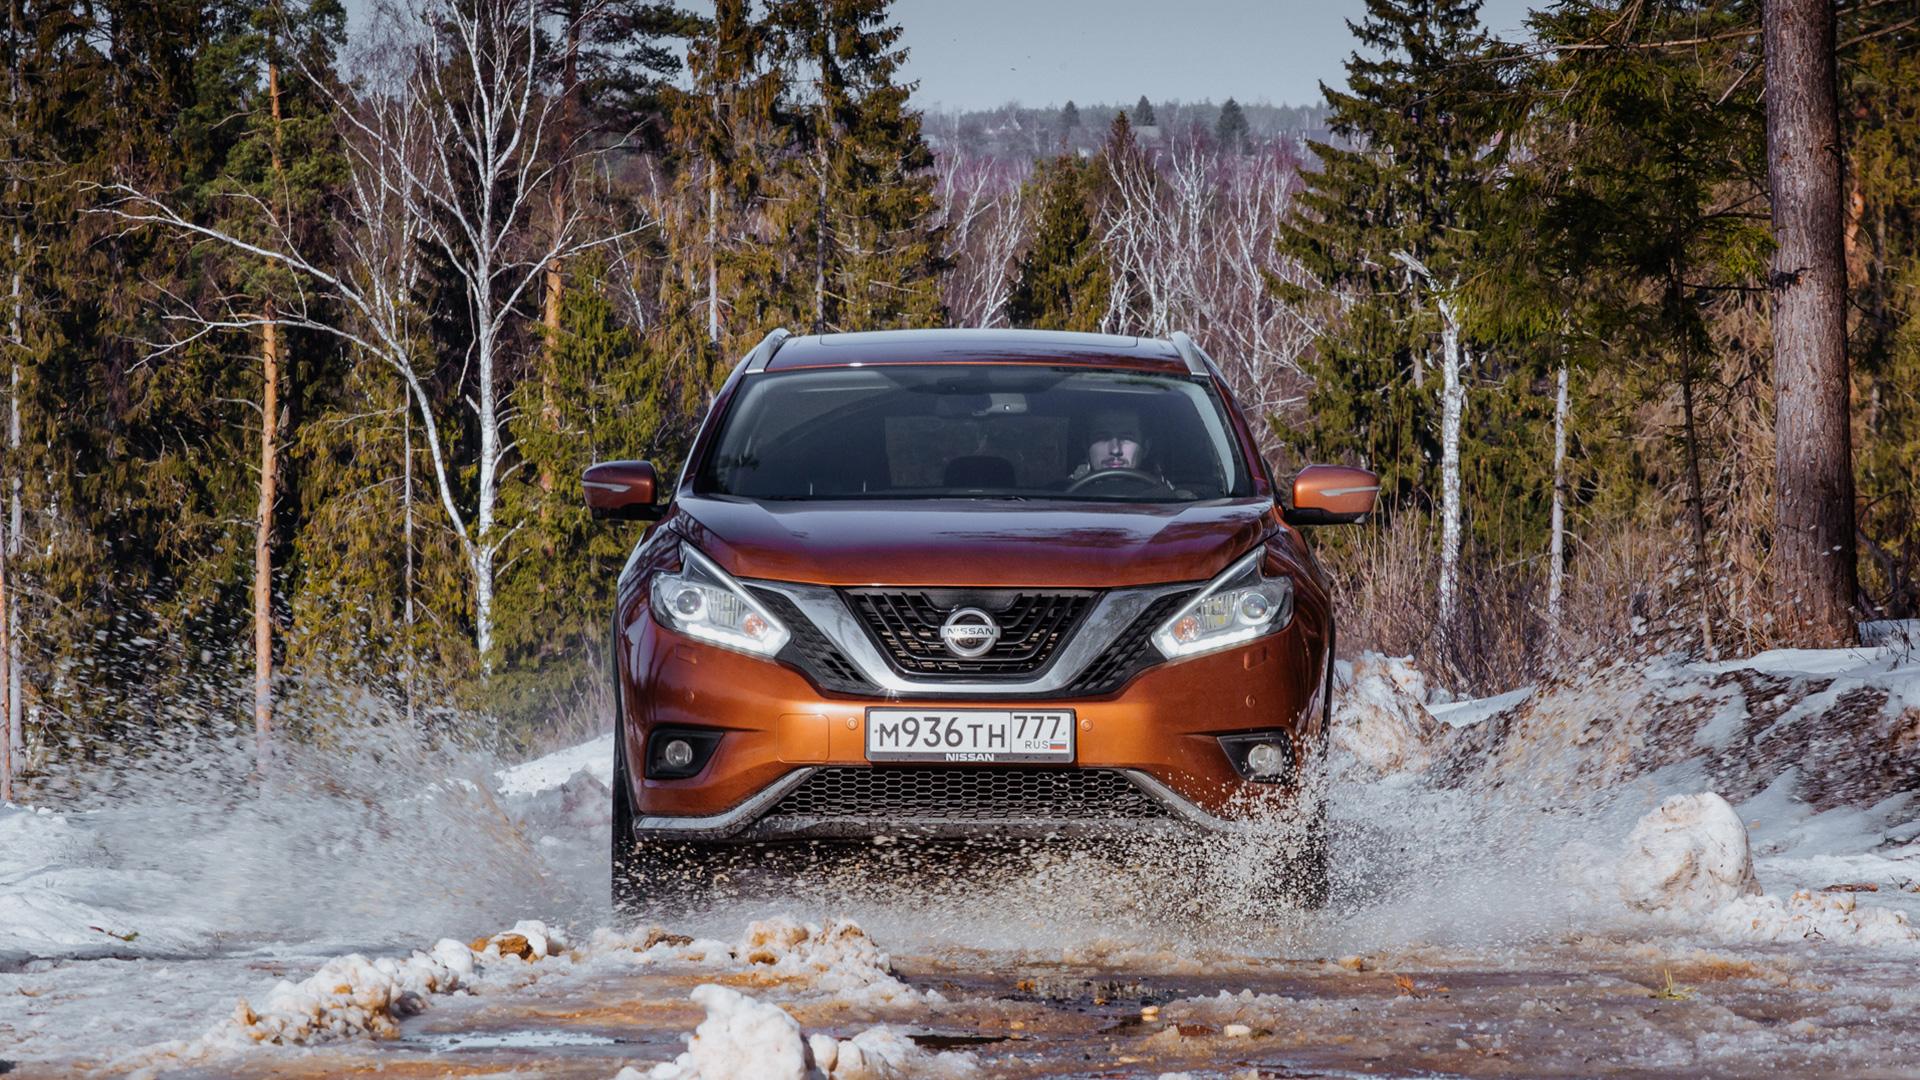 Длительный тест Nissan Murano: итоги, конкуренты истоимость владения. Фото 5